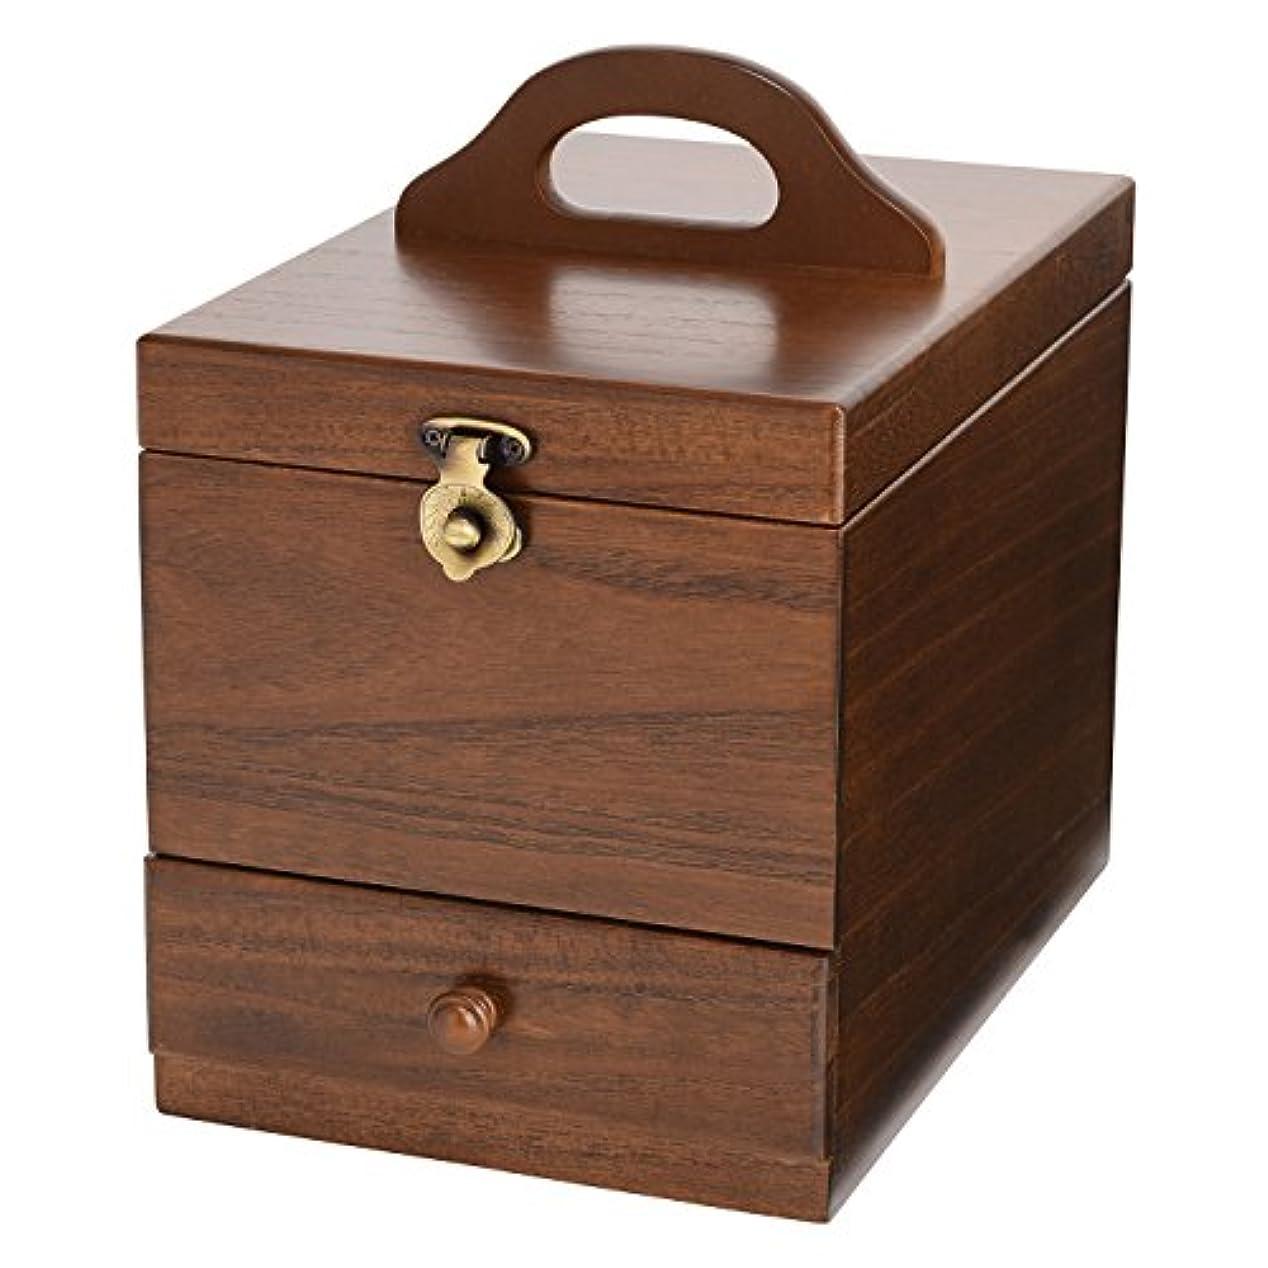 ビザ悔い改めるシダコスメボックス 日本製 静岡の熟練の木工職人の手作り 017-513